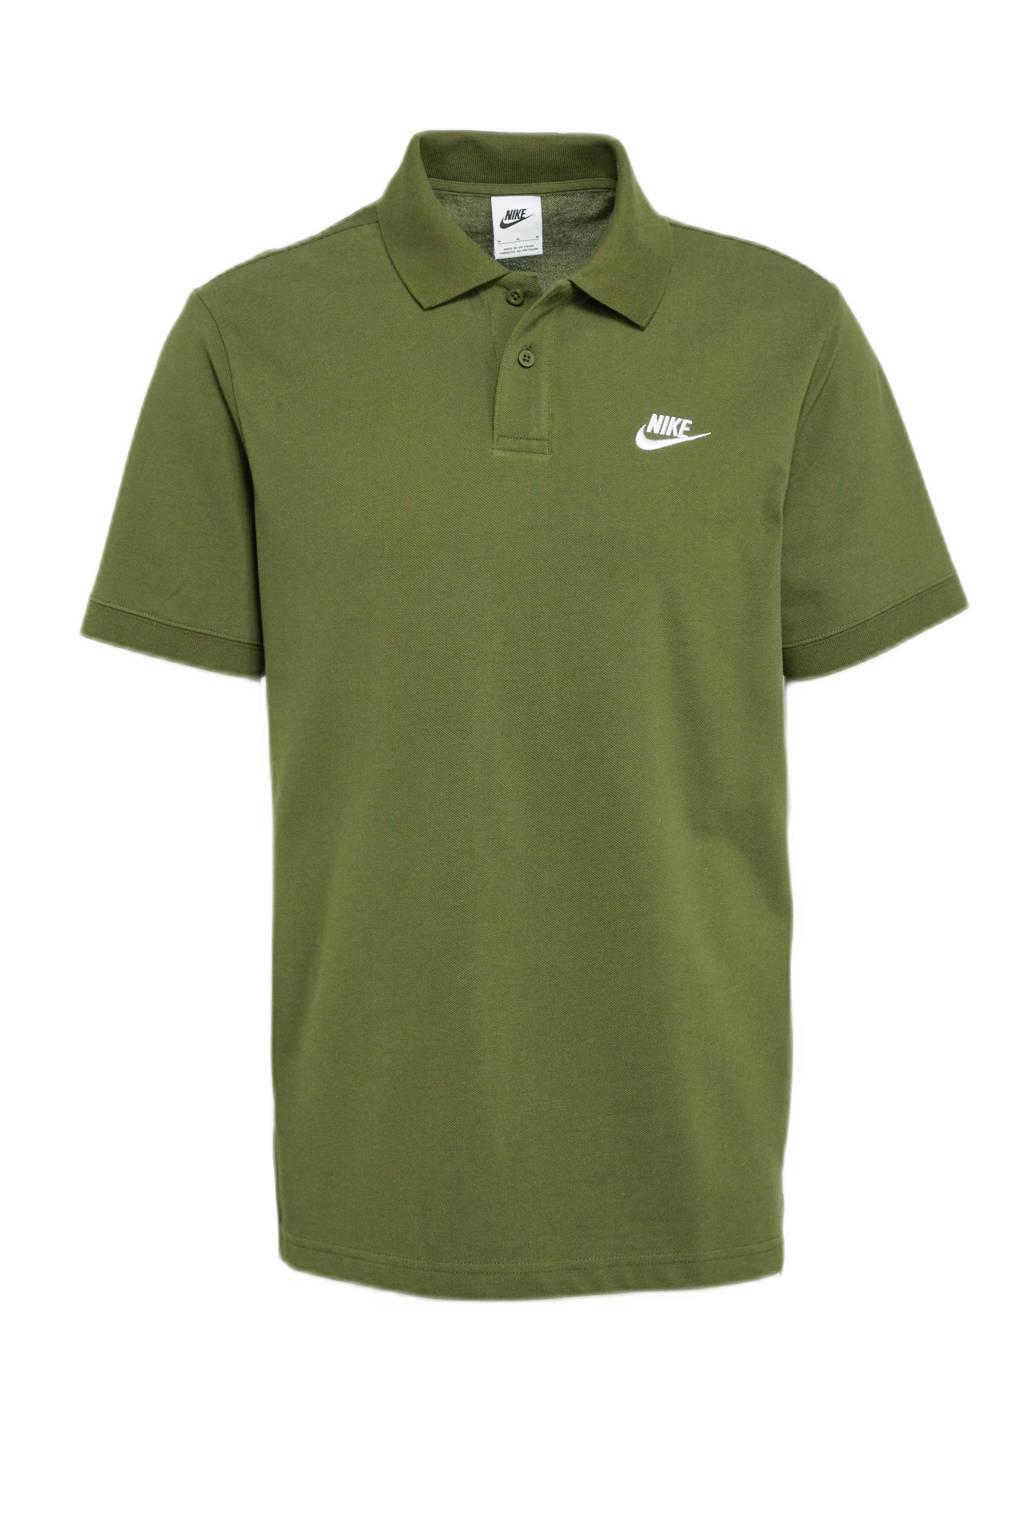 Nike polo kaki/wit